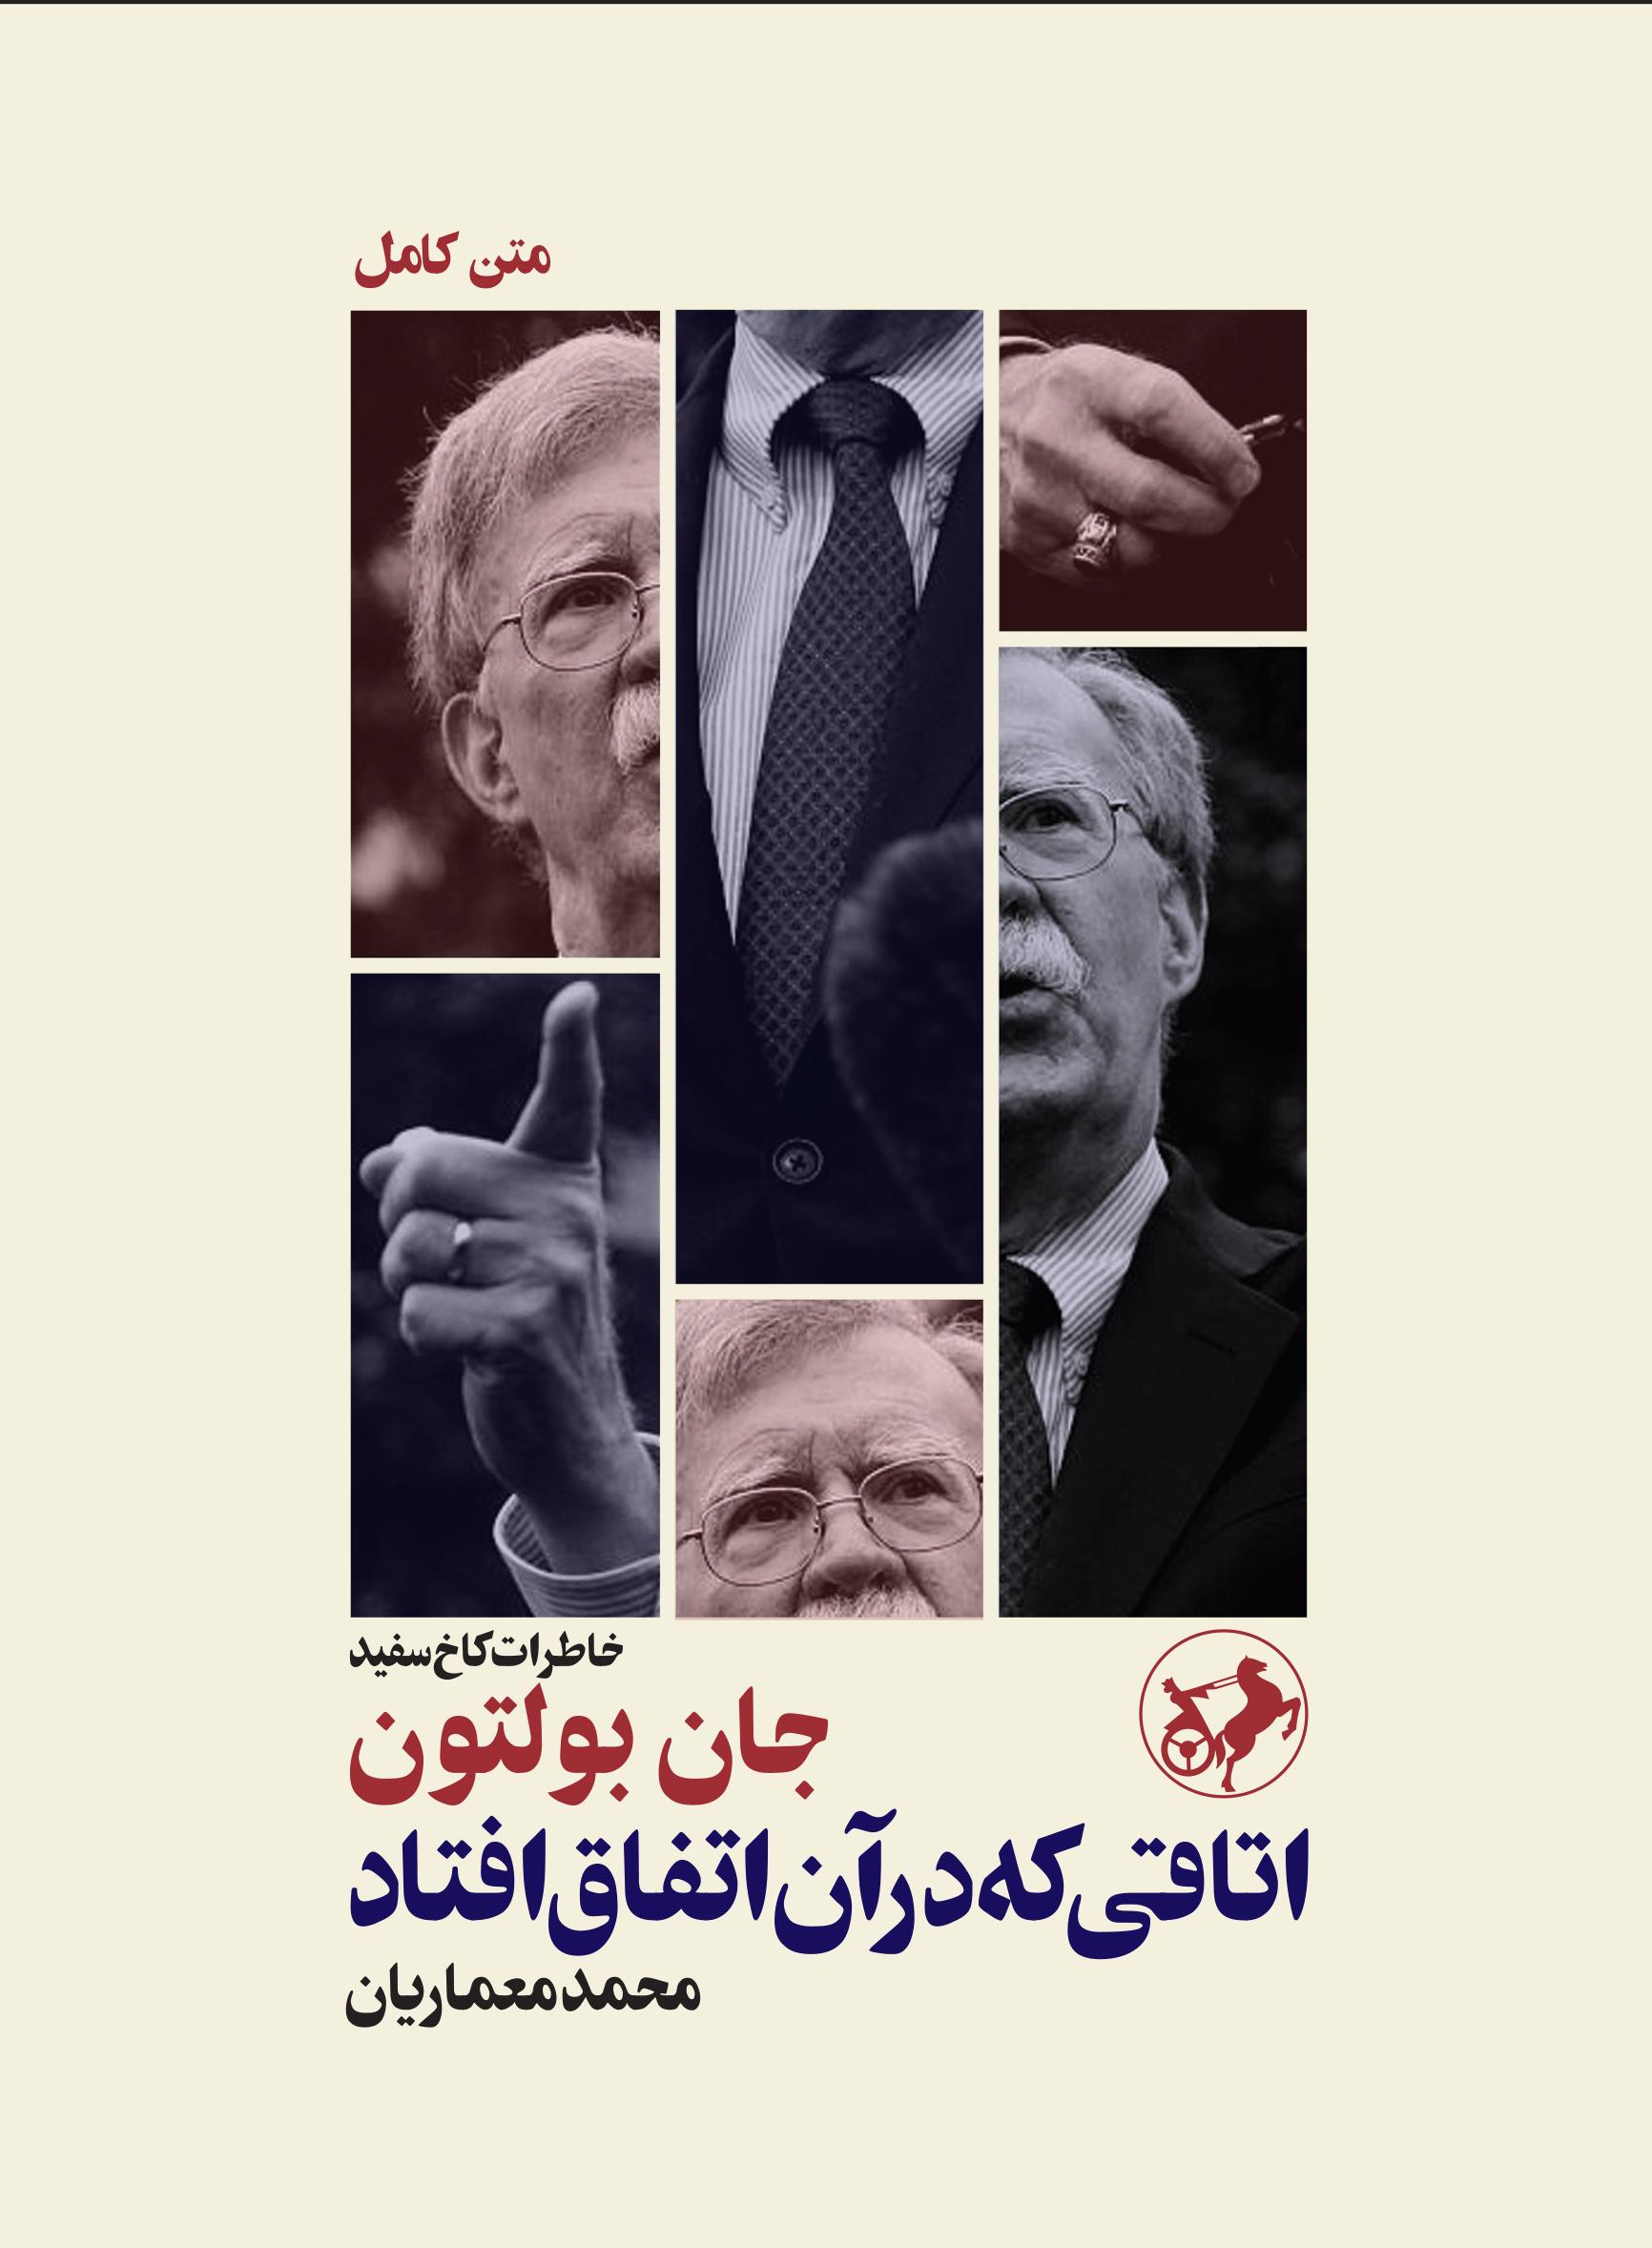 13990521000170 Test NewPhotoFree - نقد کتاب خاطرات مشاور ترامپ در خبرگزاری فارس